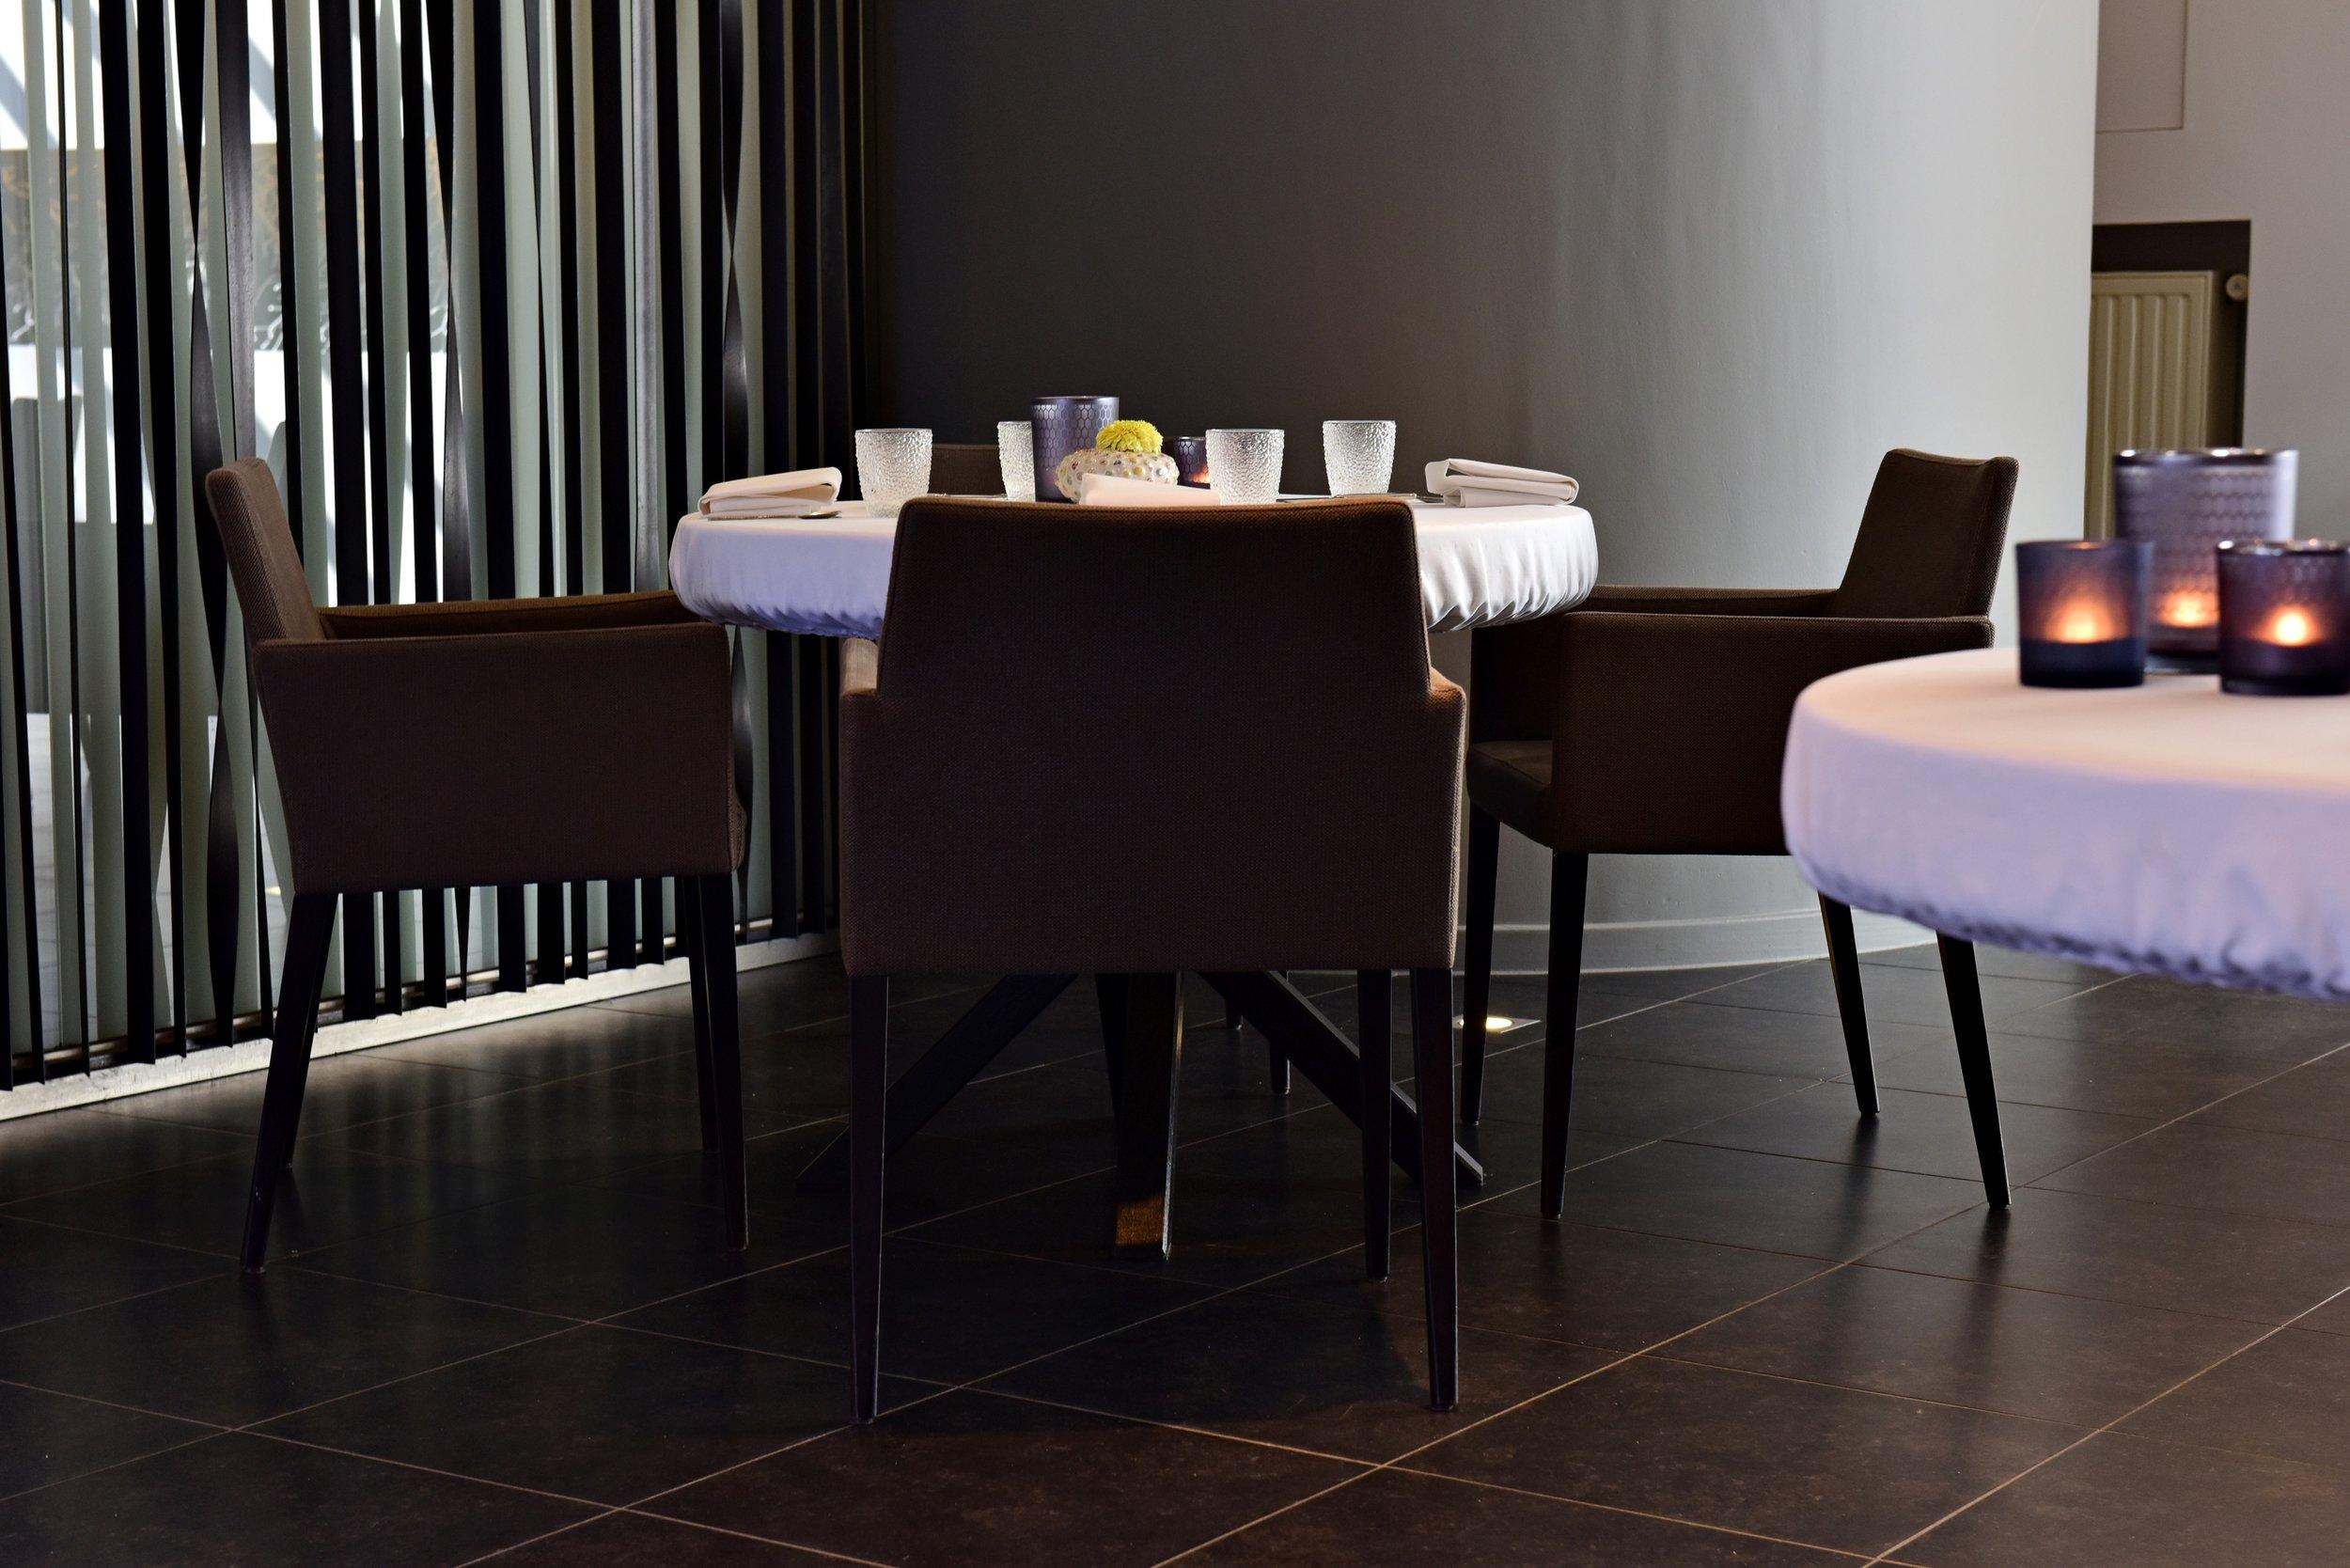 27 restaurant de mijlpaal tongeren bart albrecht culinair food fotograaf tablefever.jpg